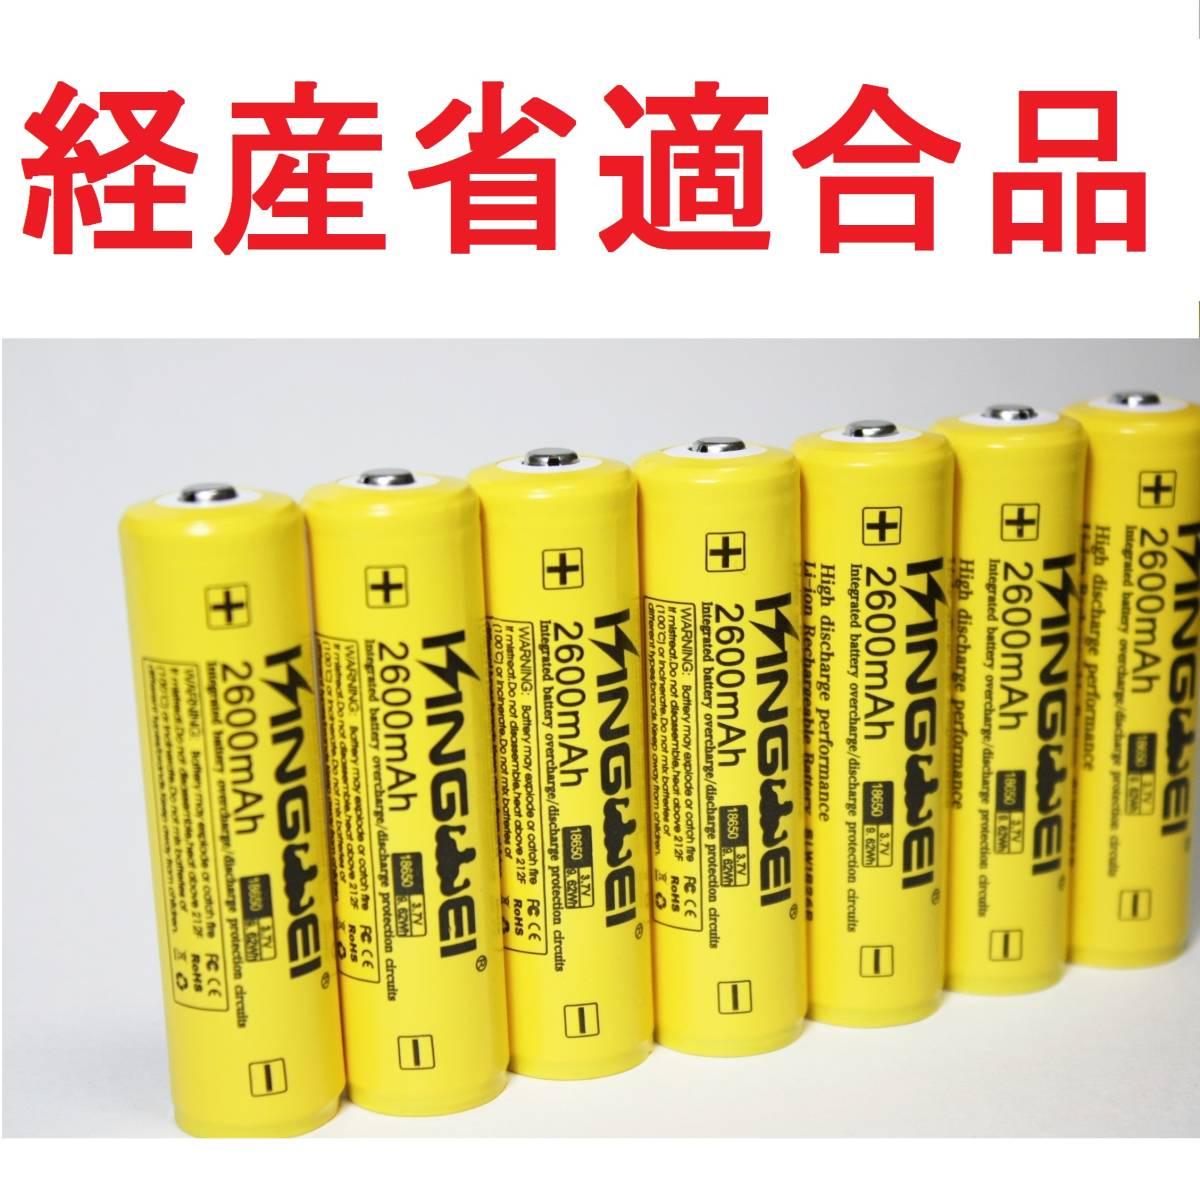 正規容量 18650 経済産業省適合品 大容量 リチウムイオン 充電池 バッテリー 懐中電灯 ヘッドライト05_画像1